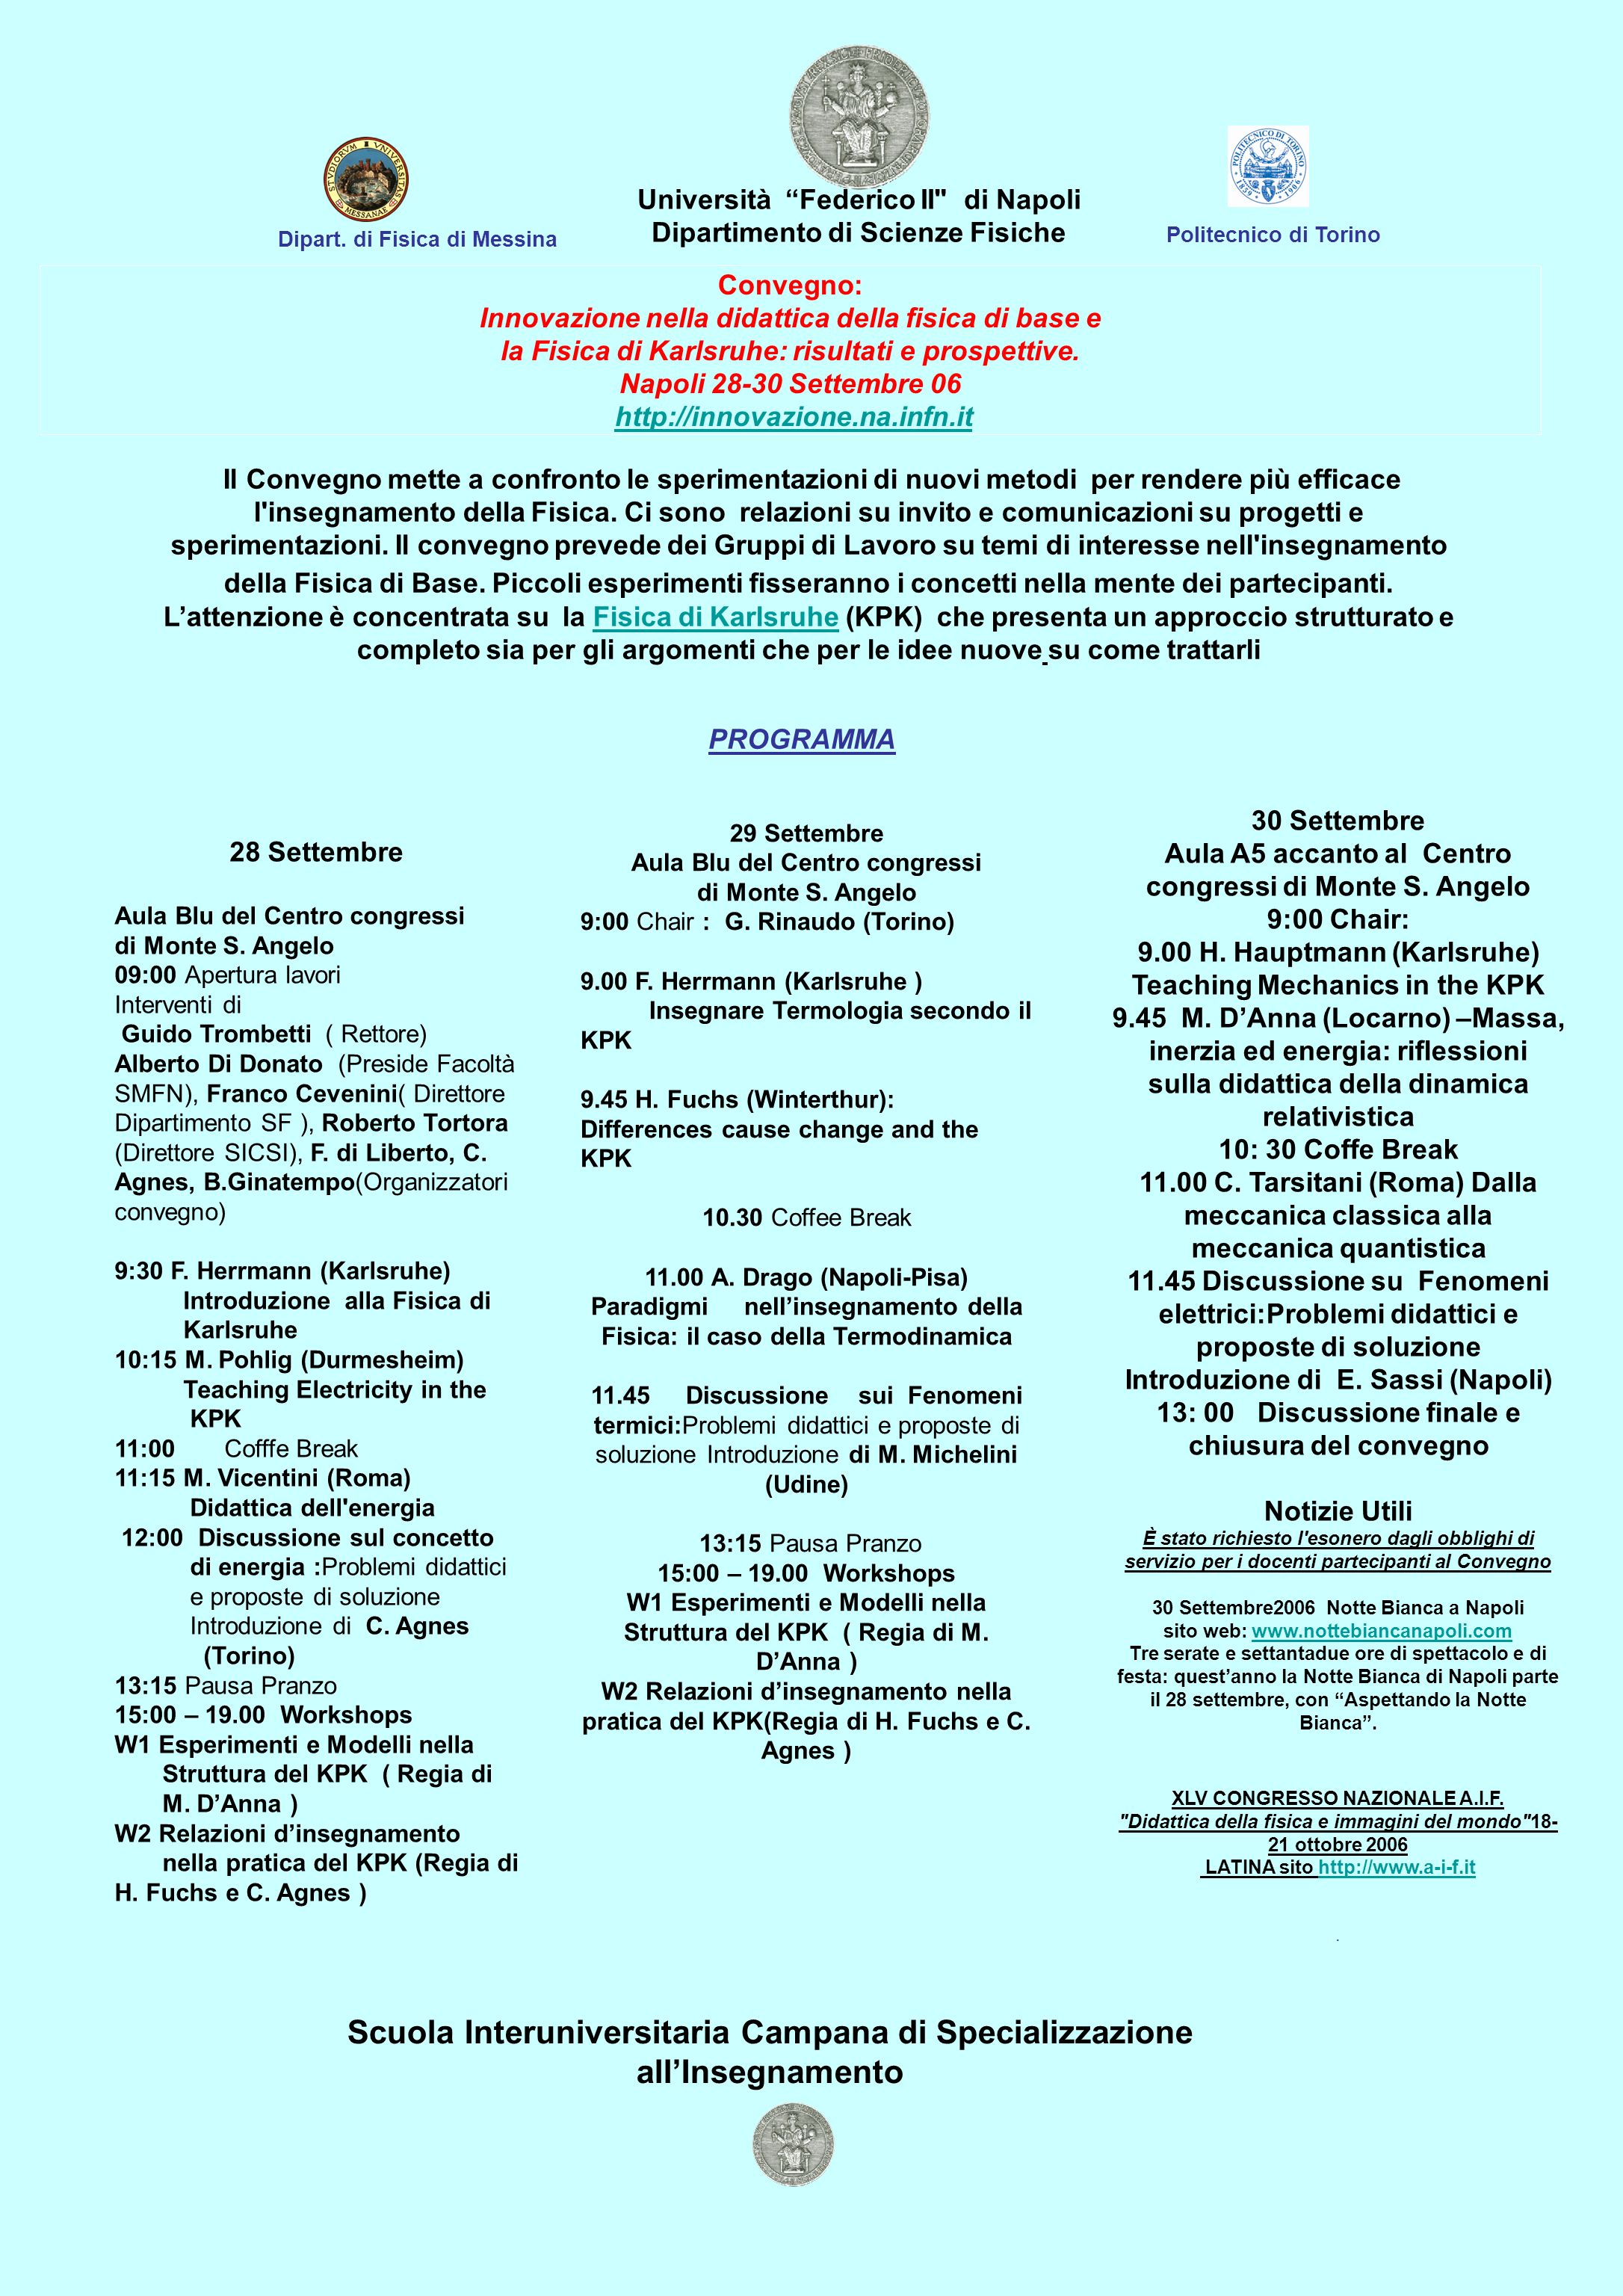 Scuola Interuniversitaria Campana di Specializzazione all'Insegnamento